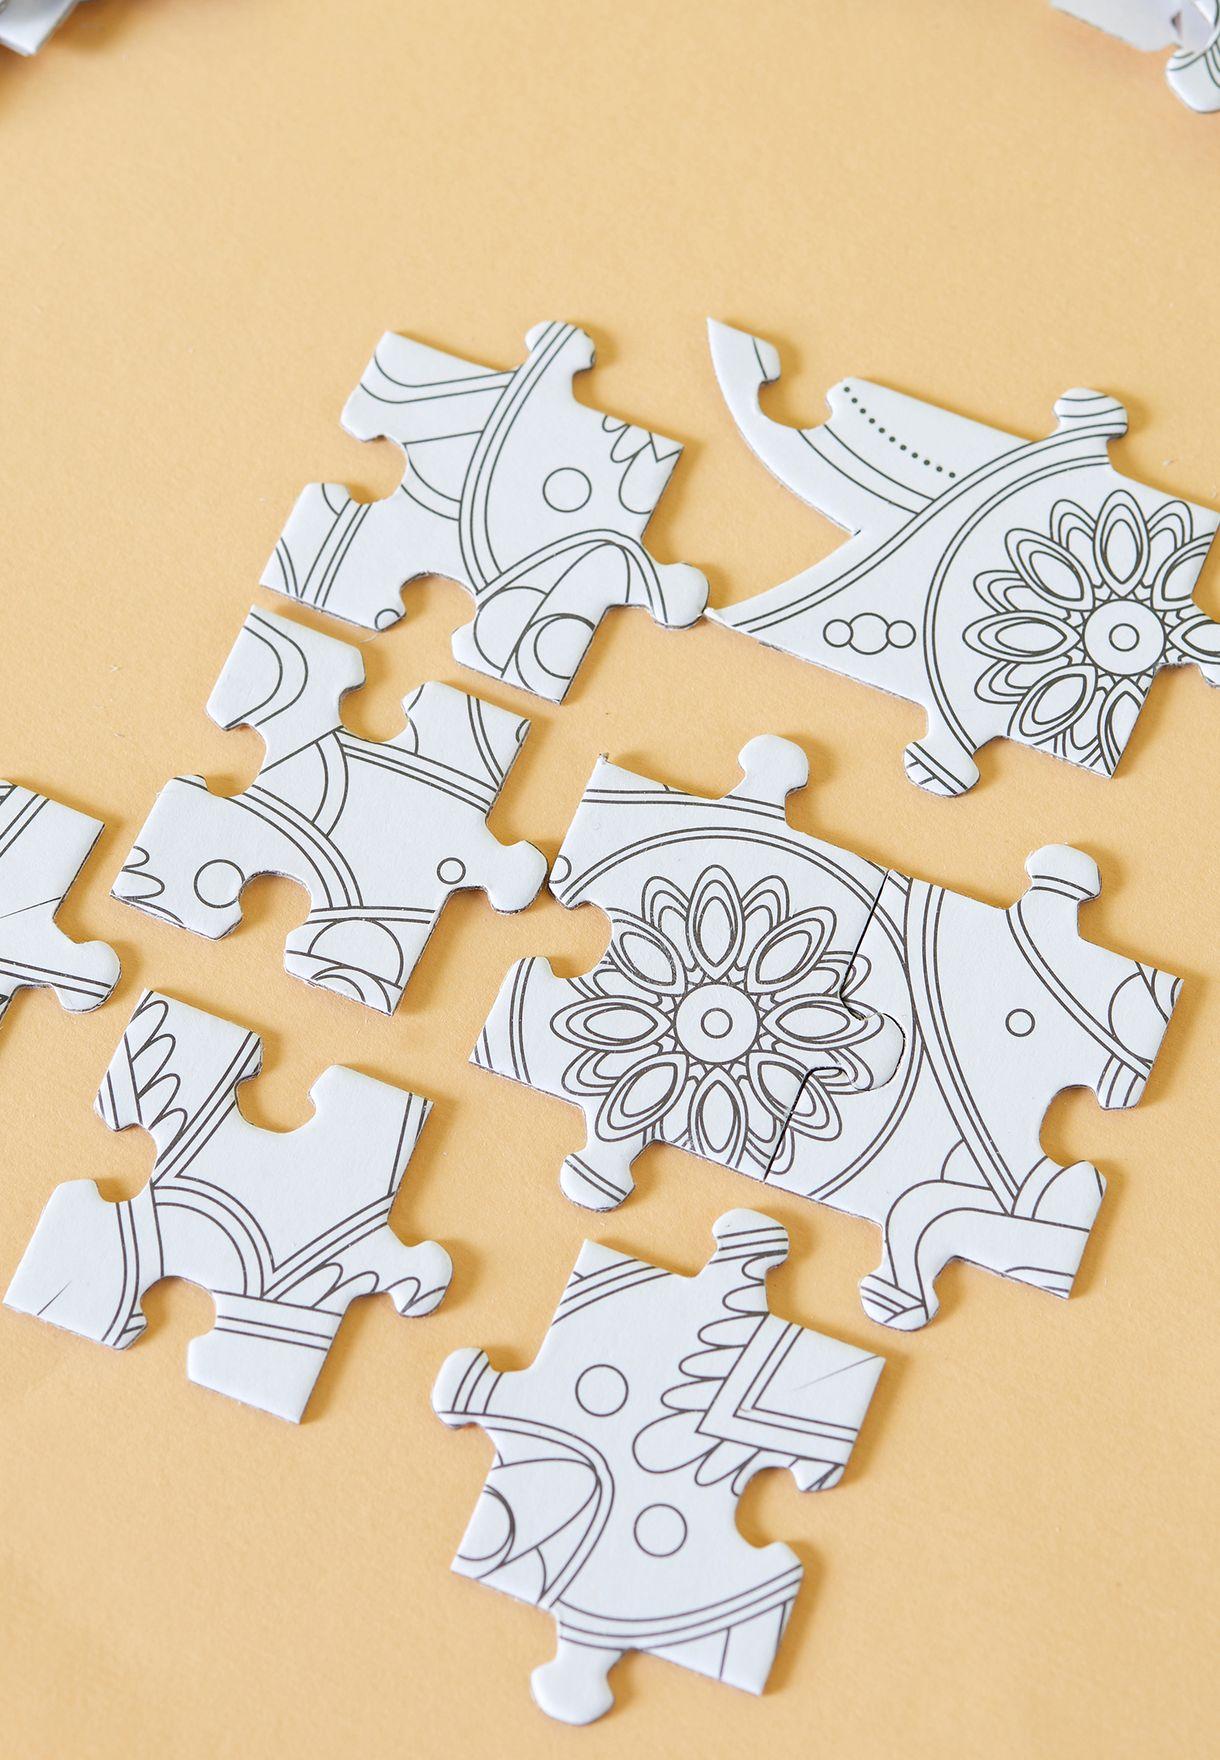 Colour In Mandala Puzzle